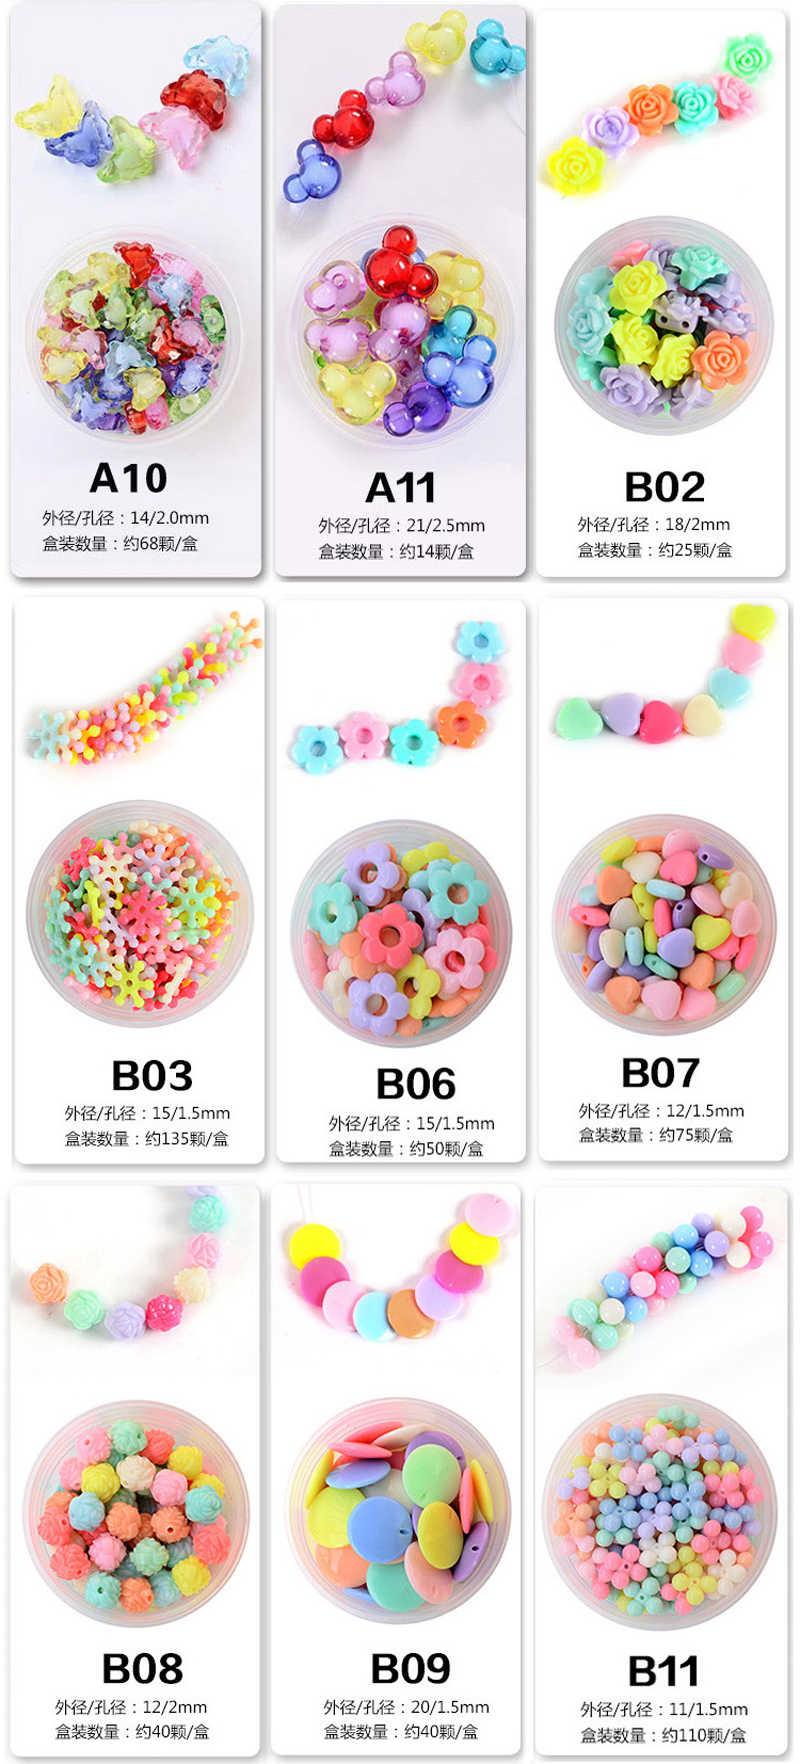 Enfants bricolage créatif perles jouet enfants filles à la main art artisanat jouets éducatifs pour cadeaux cadeaux GYH